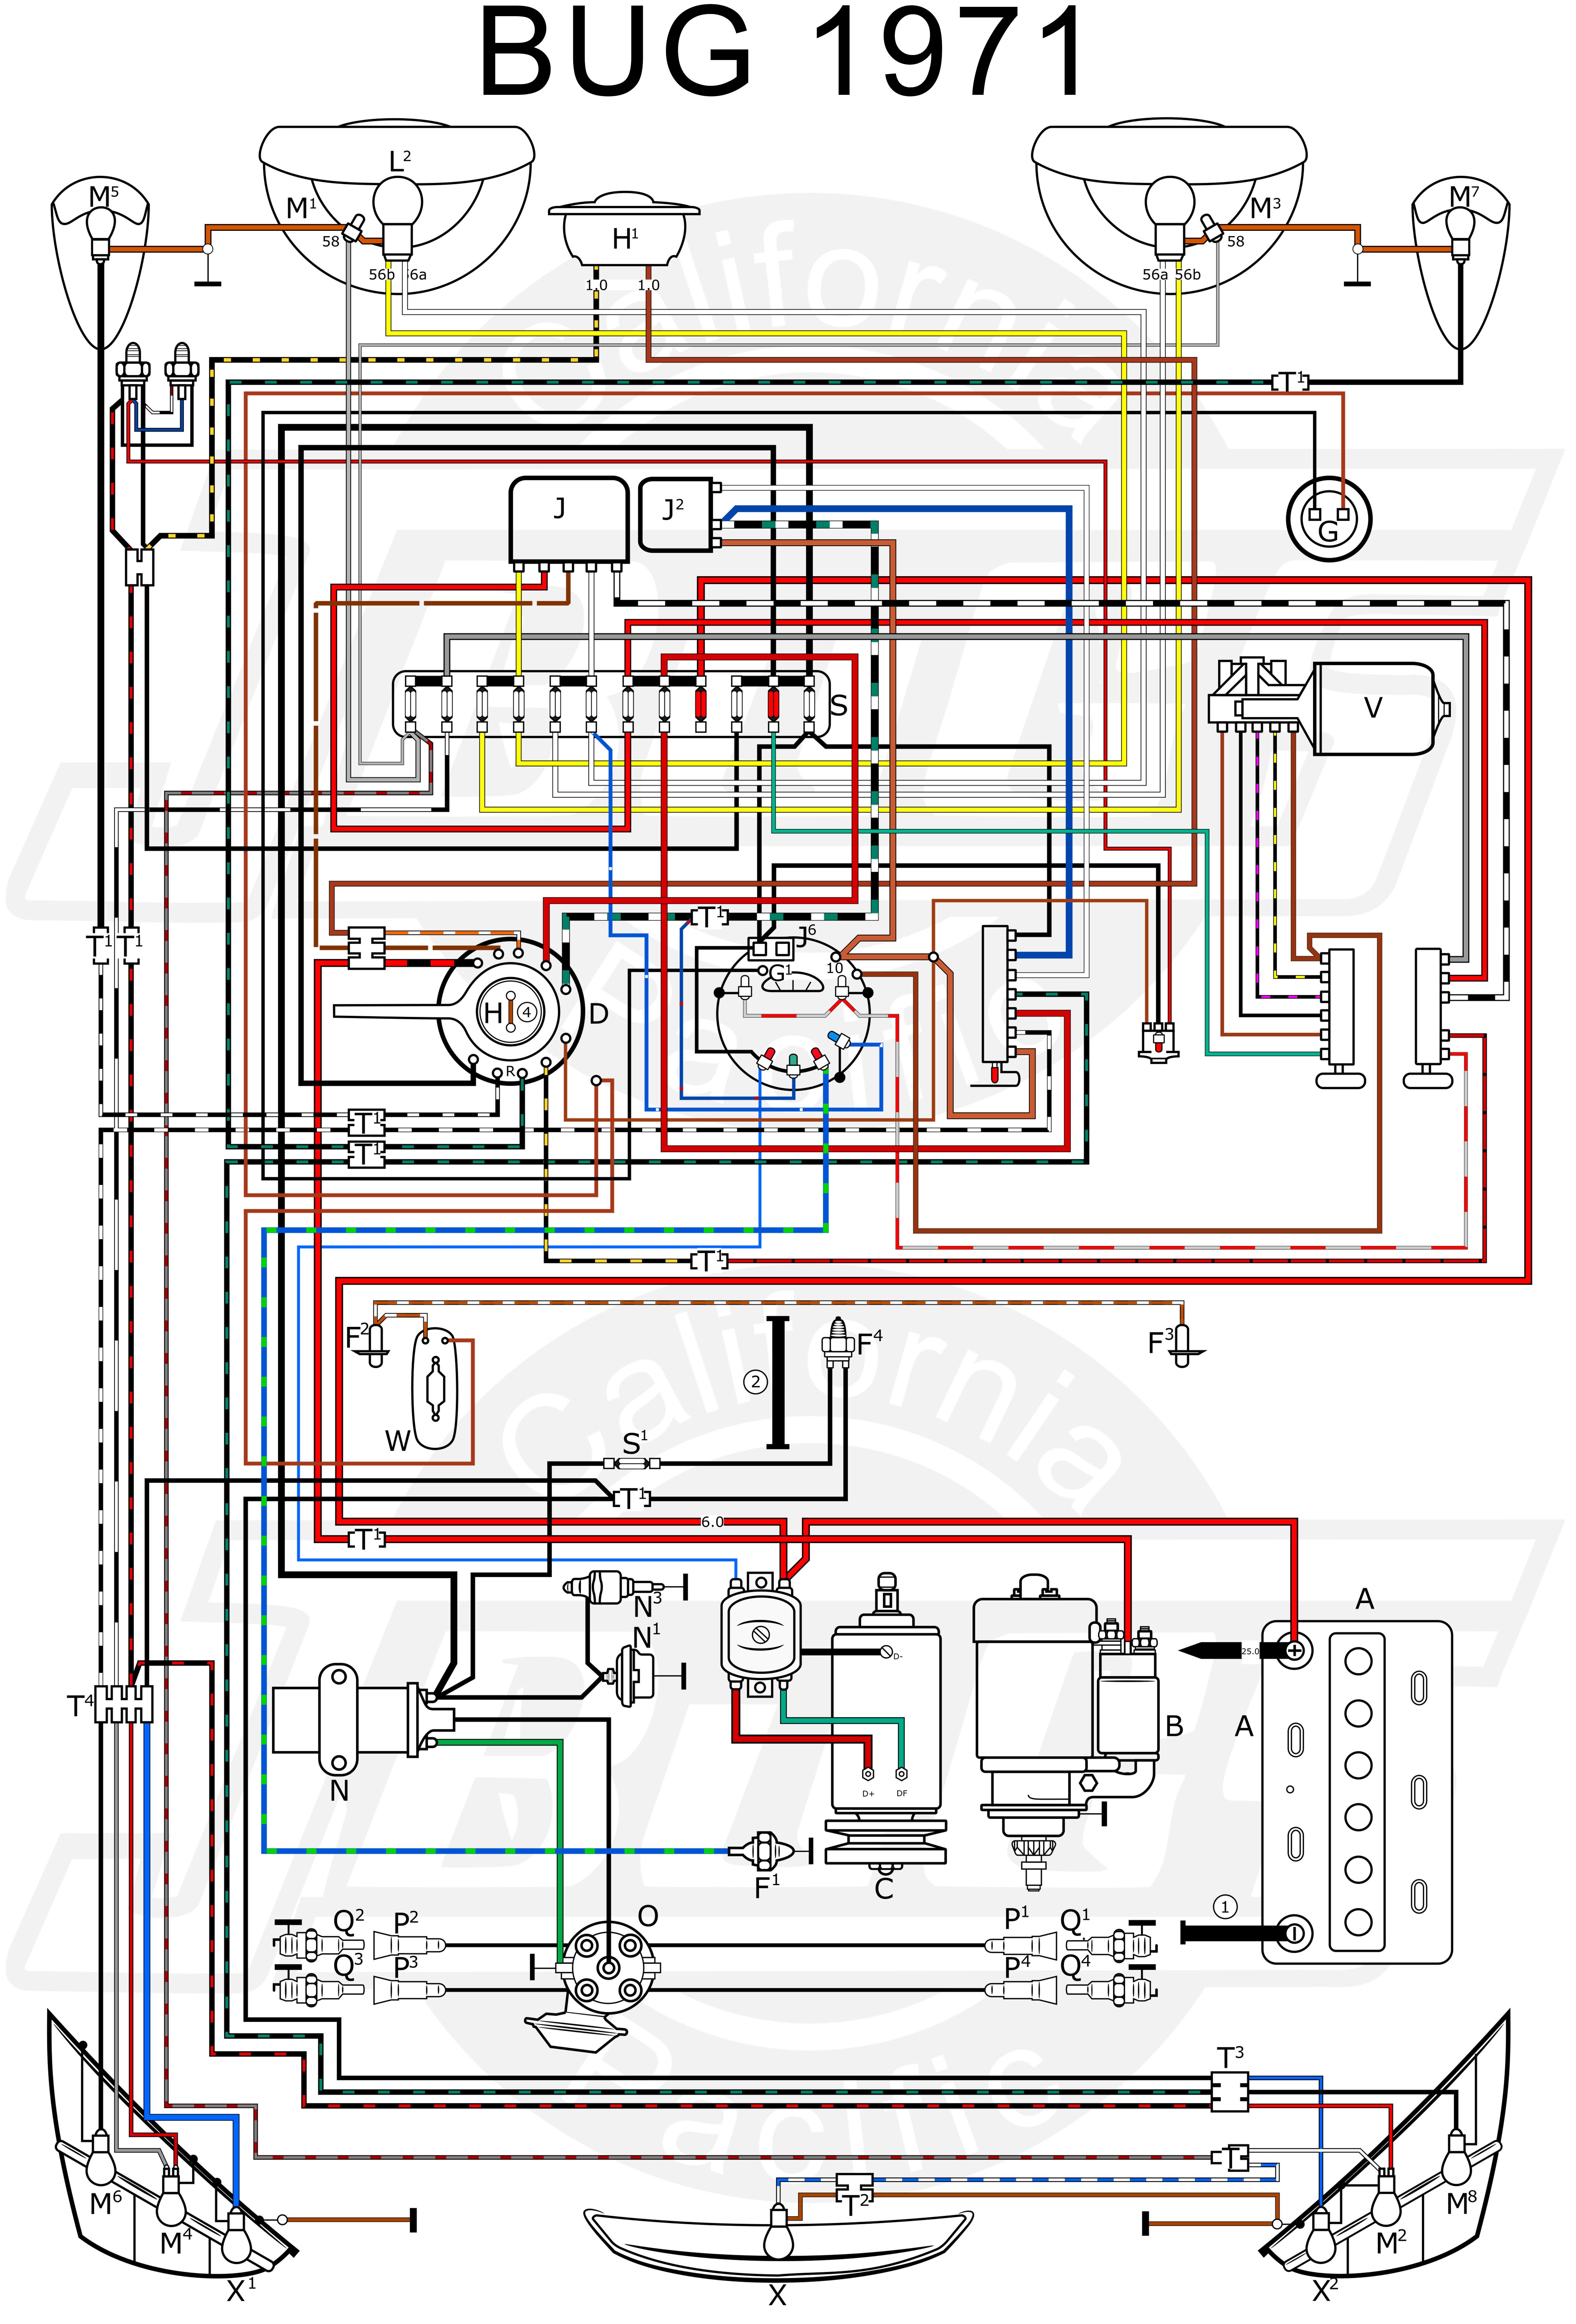 Vw Beetle Wiring Diagram 1972